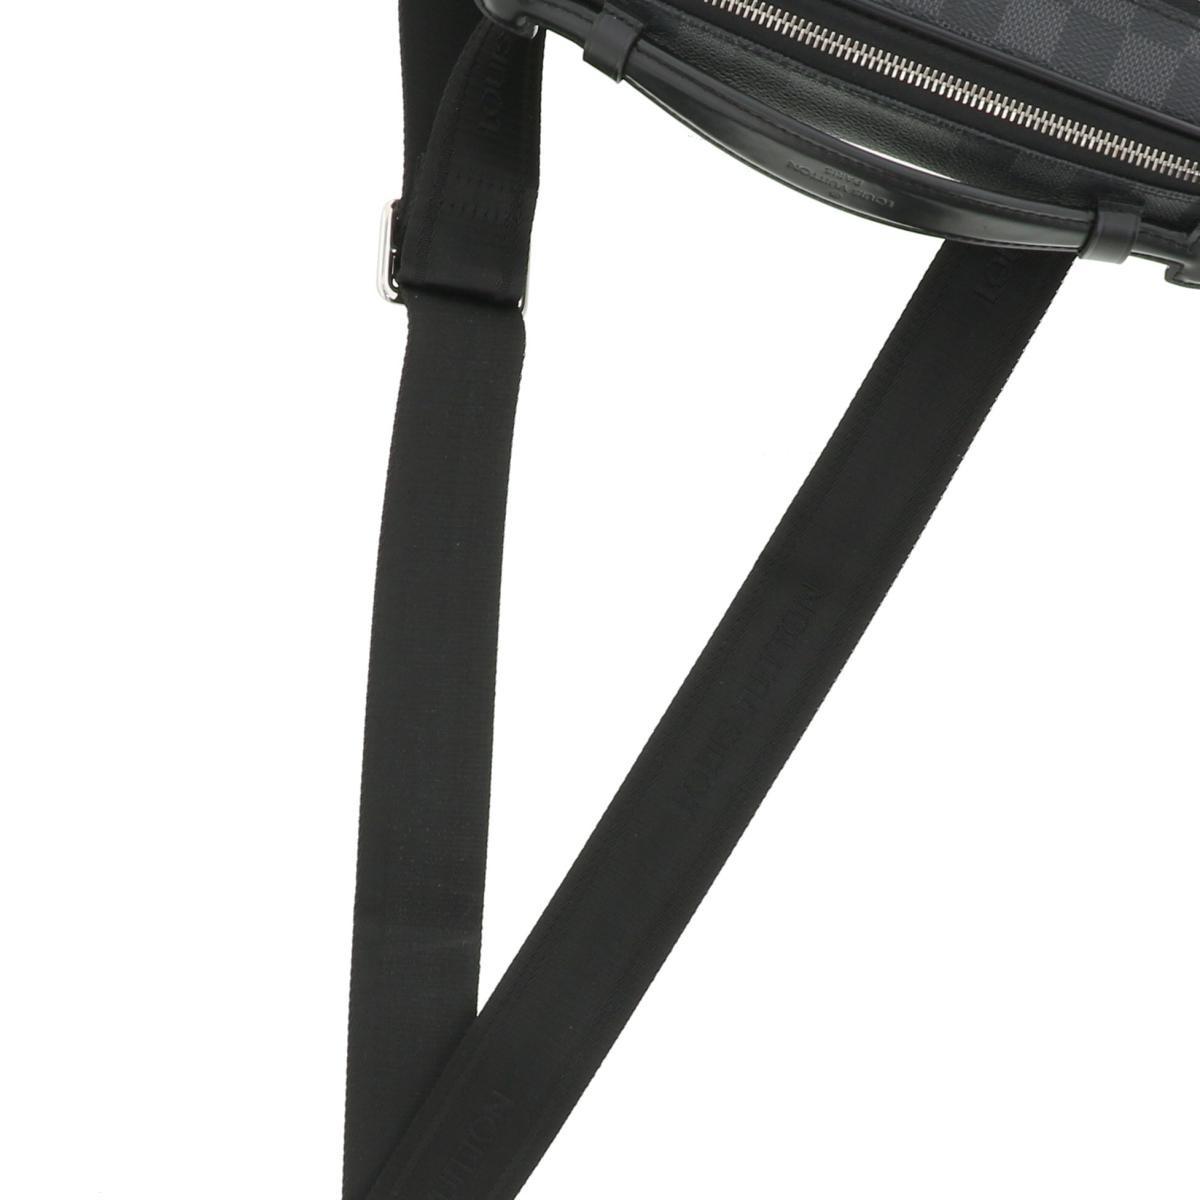 【中古】LOUIS VUITTON (ルイヴィトン) アンブレール バッグ ウェスト/ボディバッグ ダミエ/グラフィット Black N41289 used:B